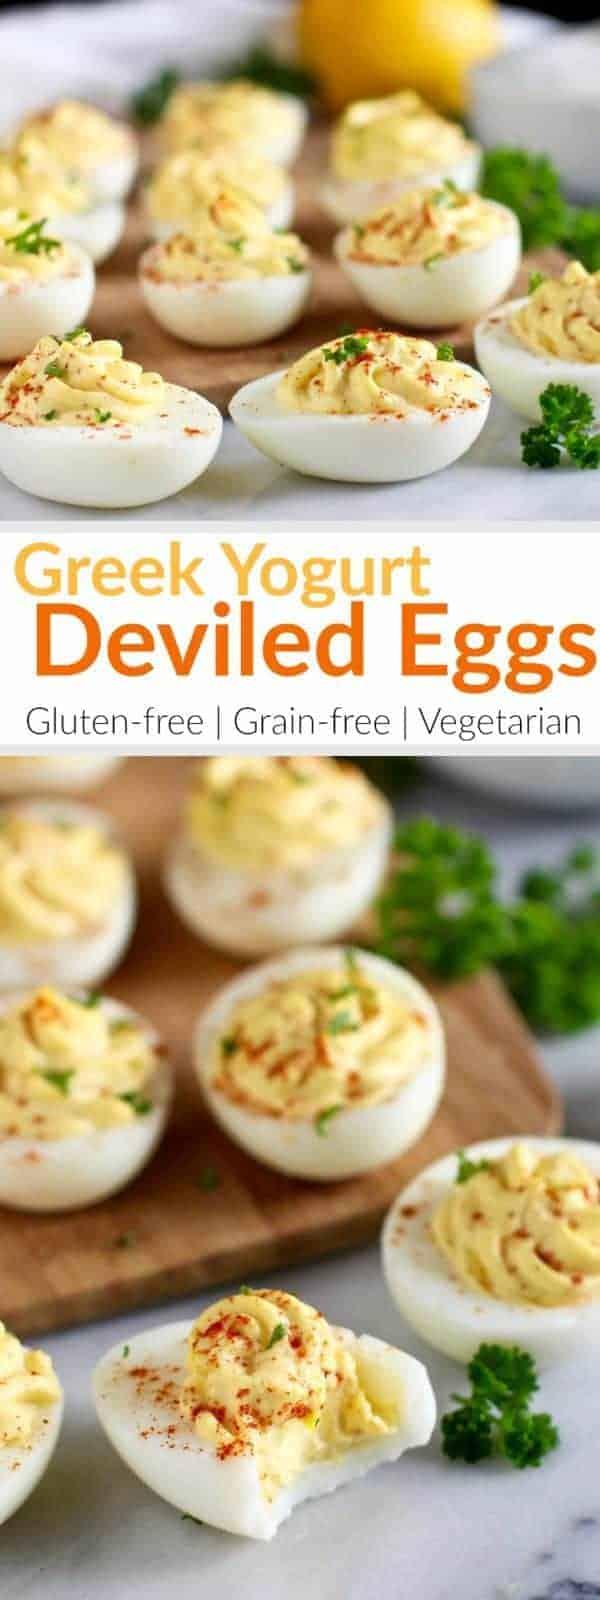 pinterest image for Greek Yogurt Deviled Eggs